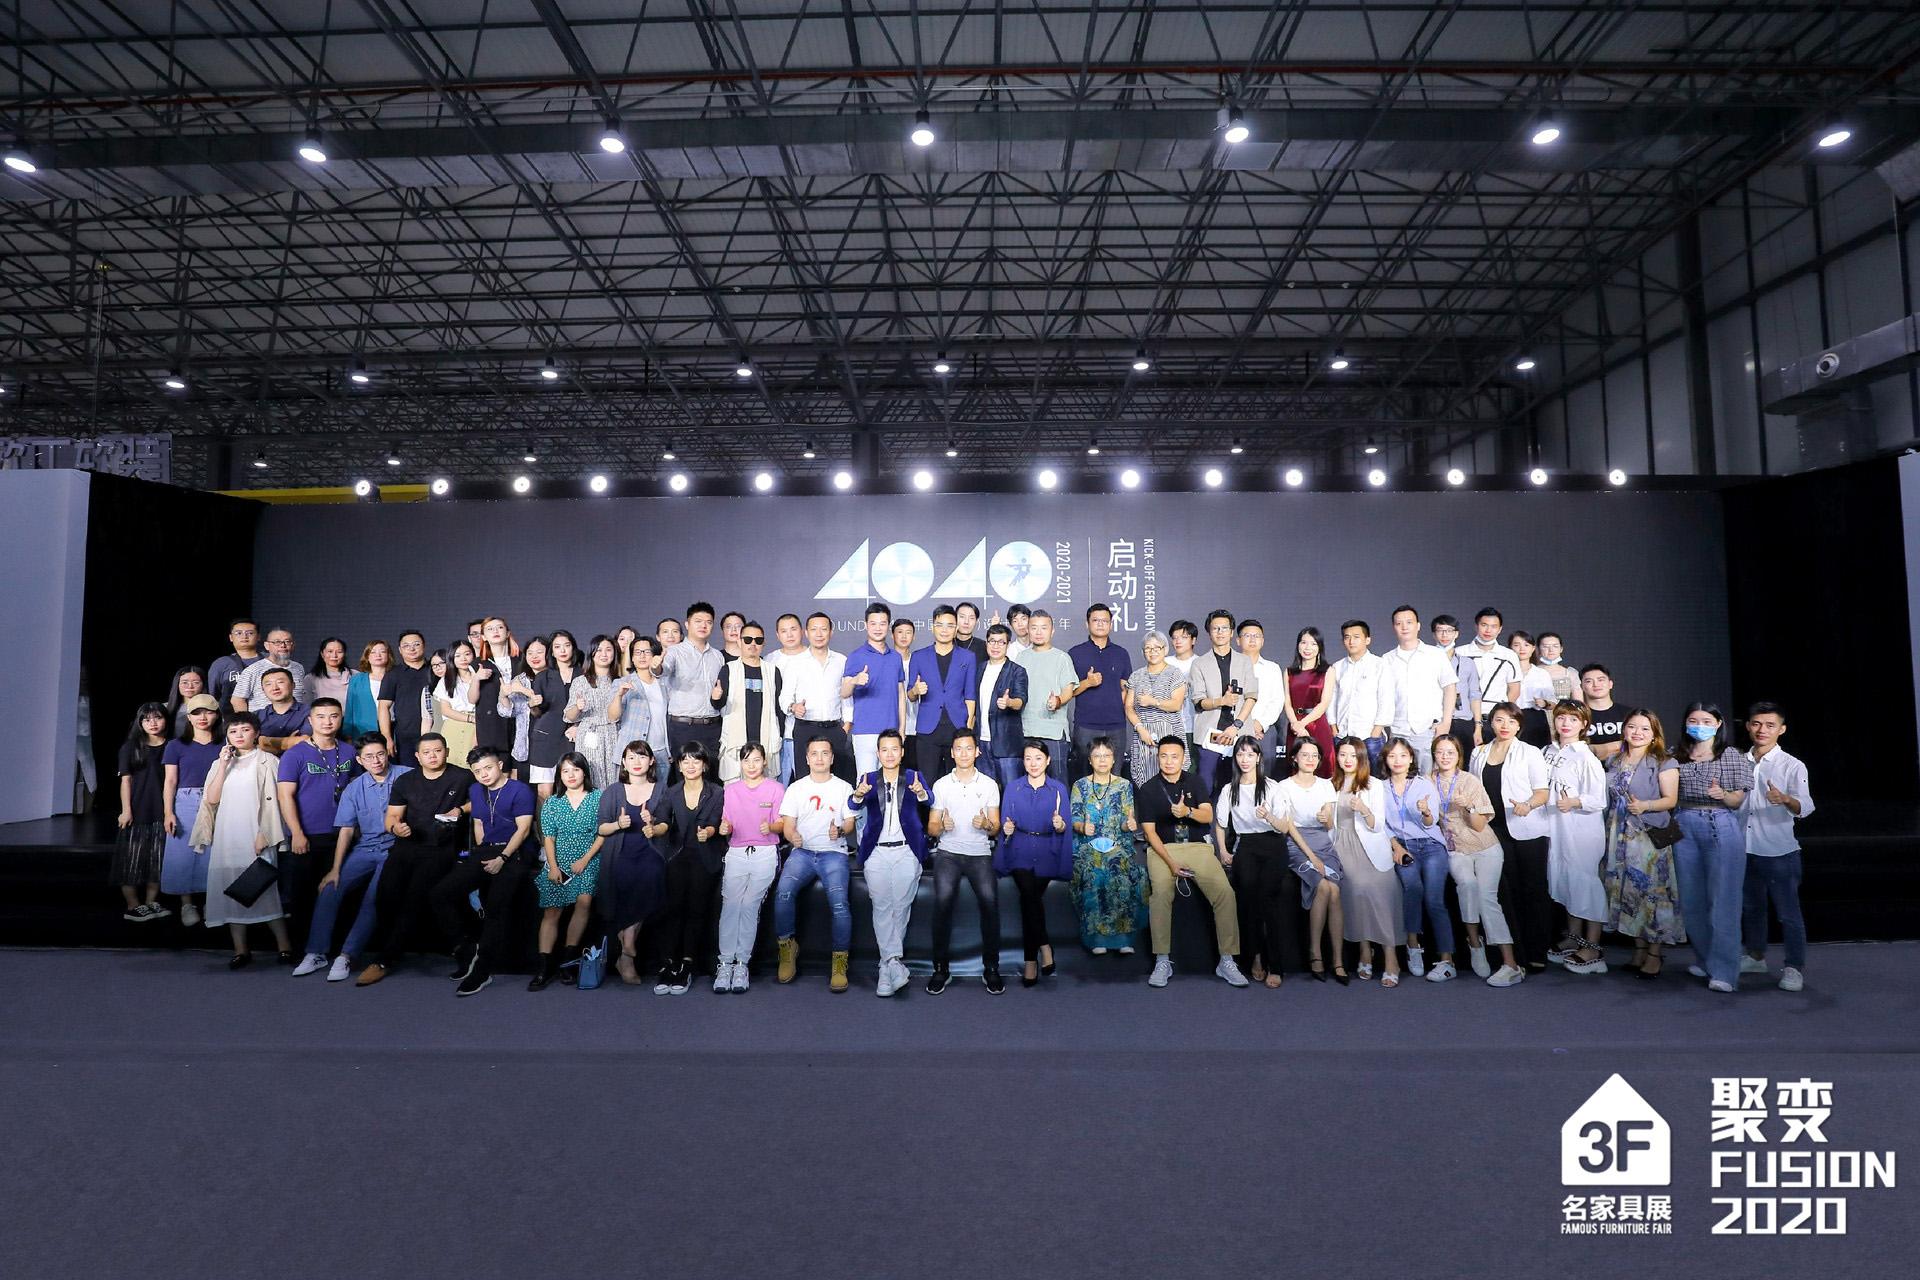 40 UNDER 40廣東榜啟動禮,11城設計師齊聚東莞名家具展